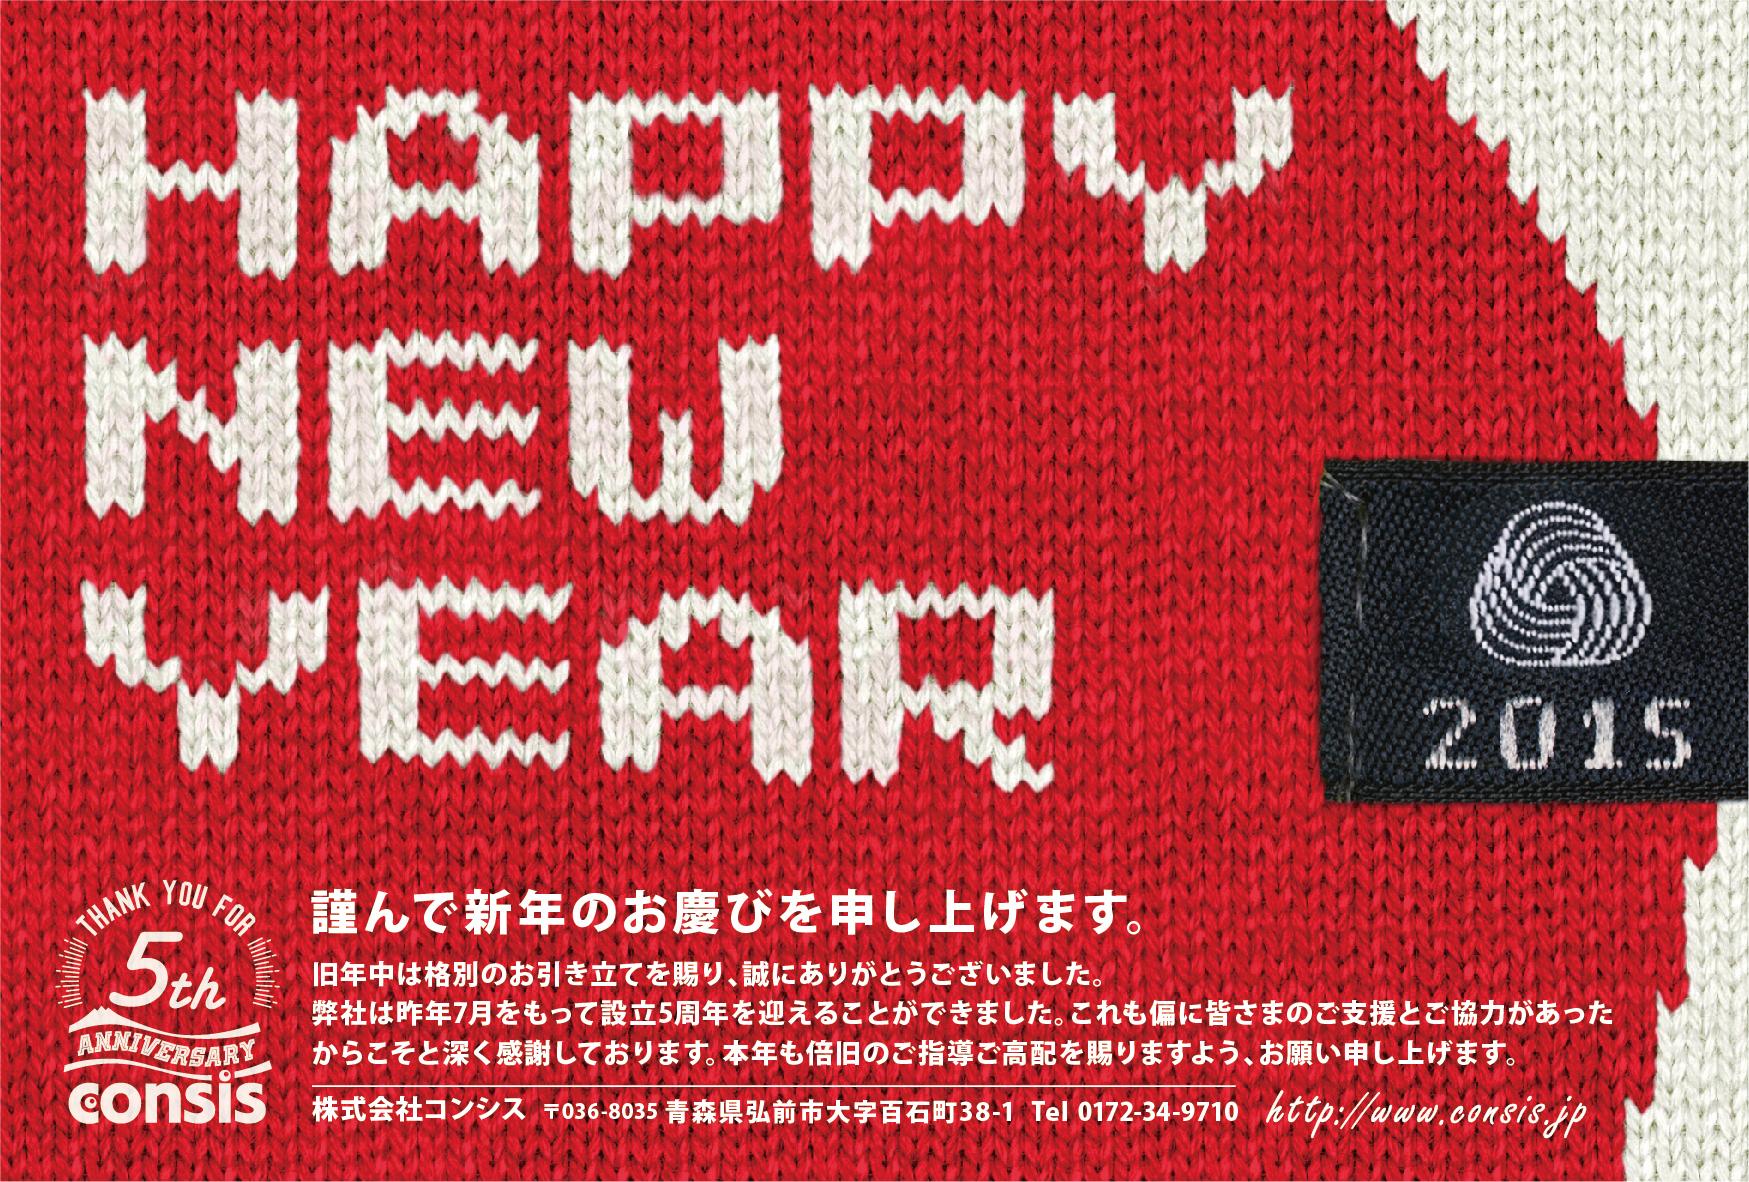 株式会社コンシス 新年のご挨拶